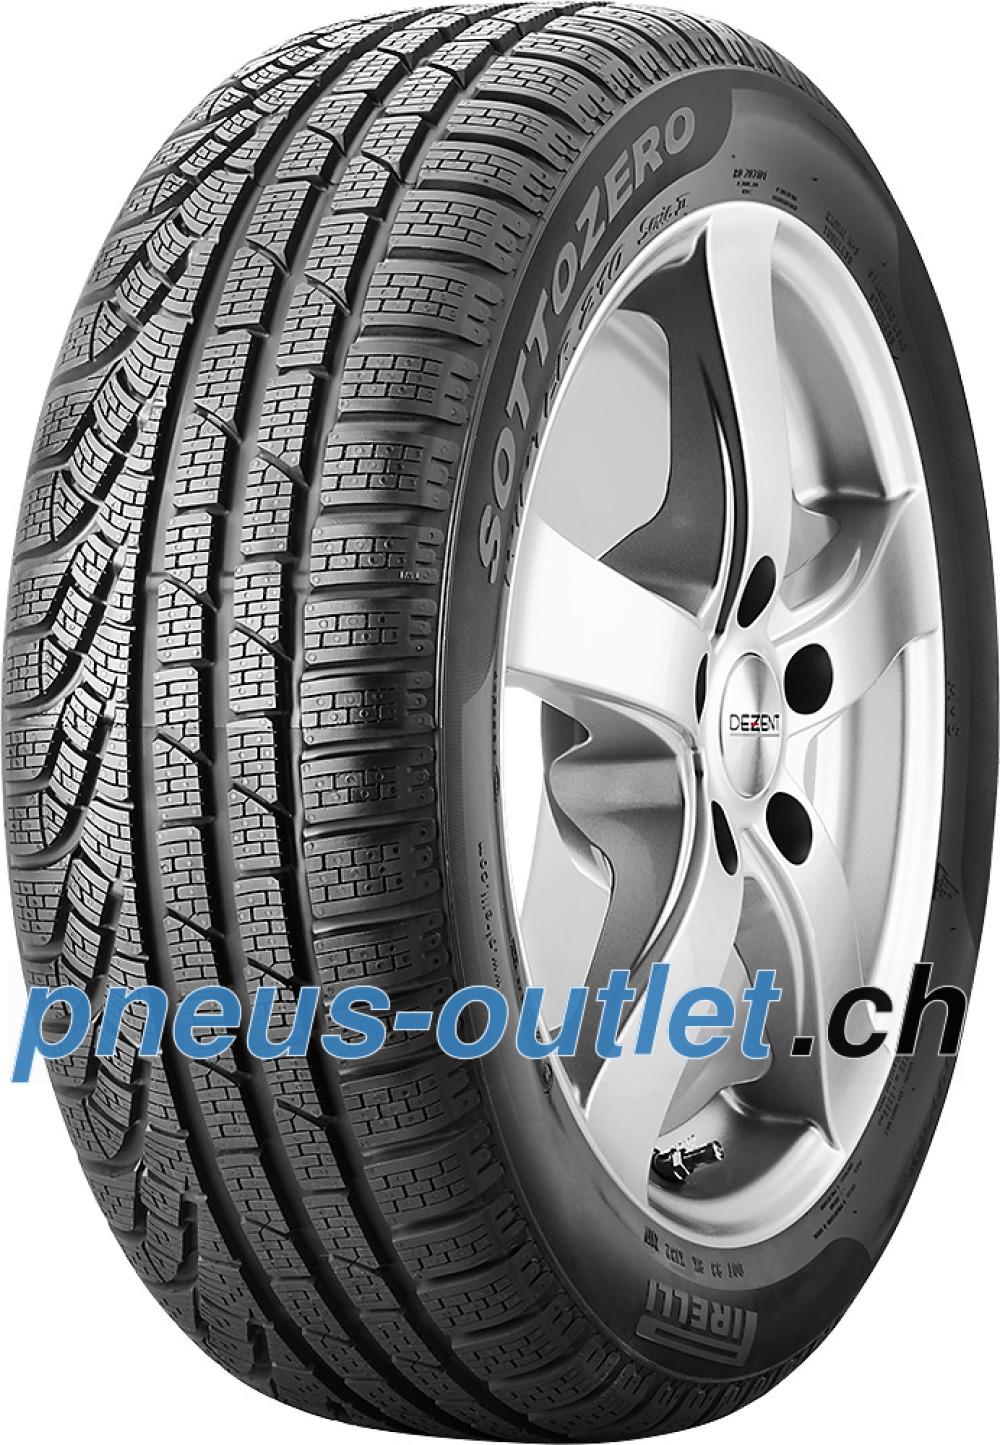 Pirelli W 210 SottoZero S2 ( 235/55 R17 99H AO, avec protège-jante (MFS) )